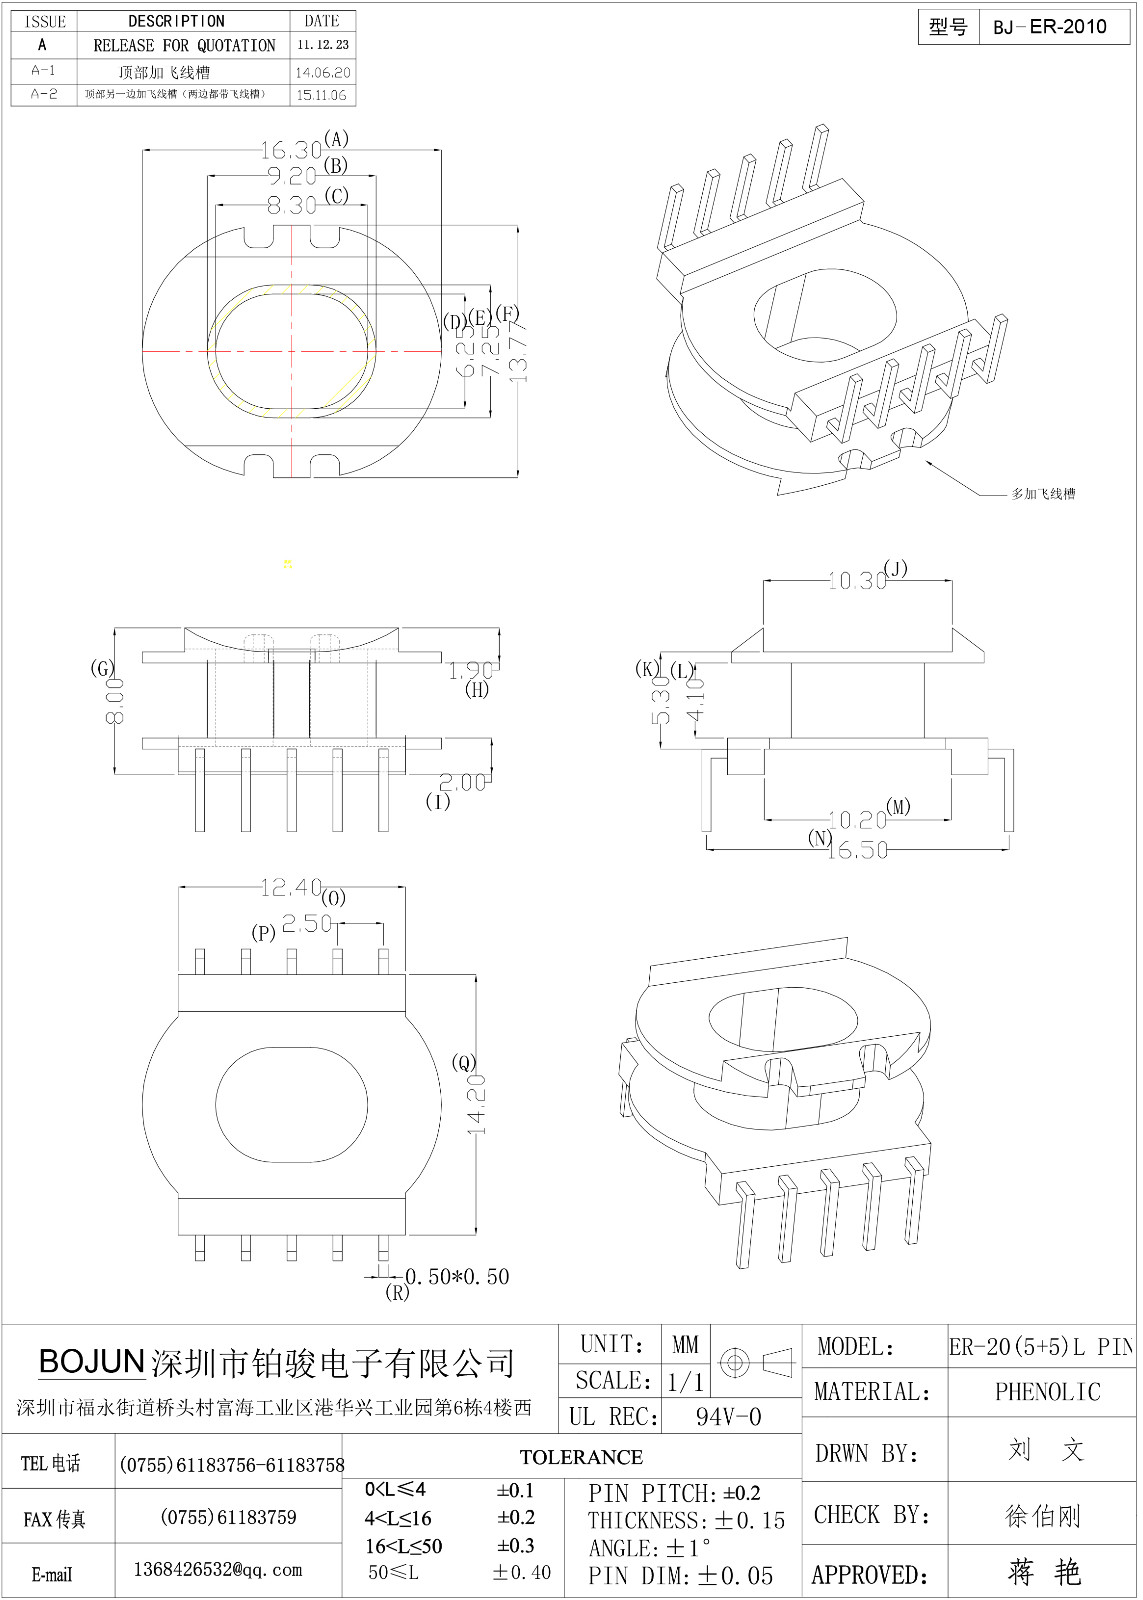 ER-2010-L-PIN-Model-(1).jpg